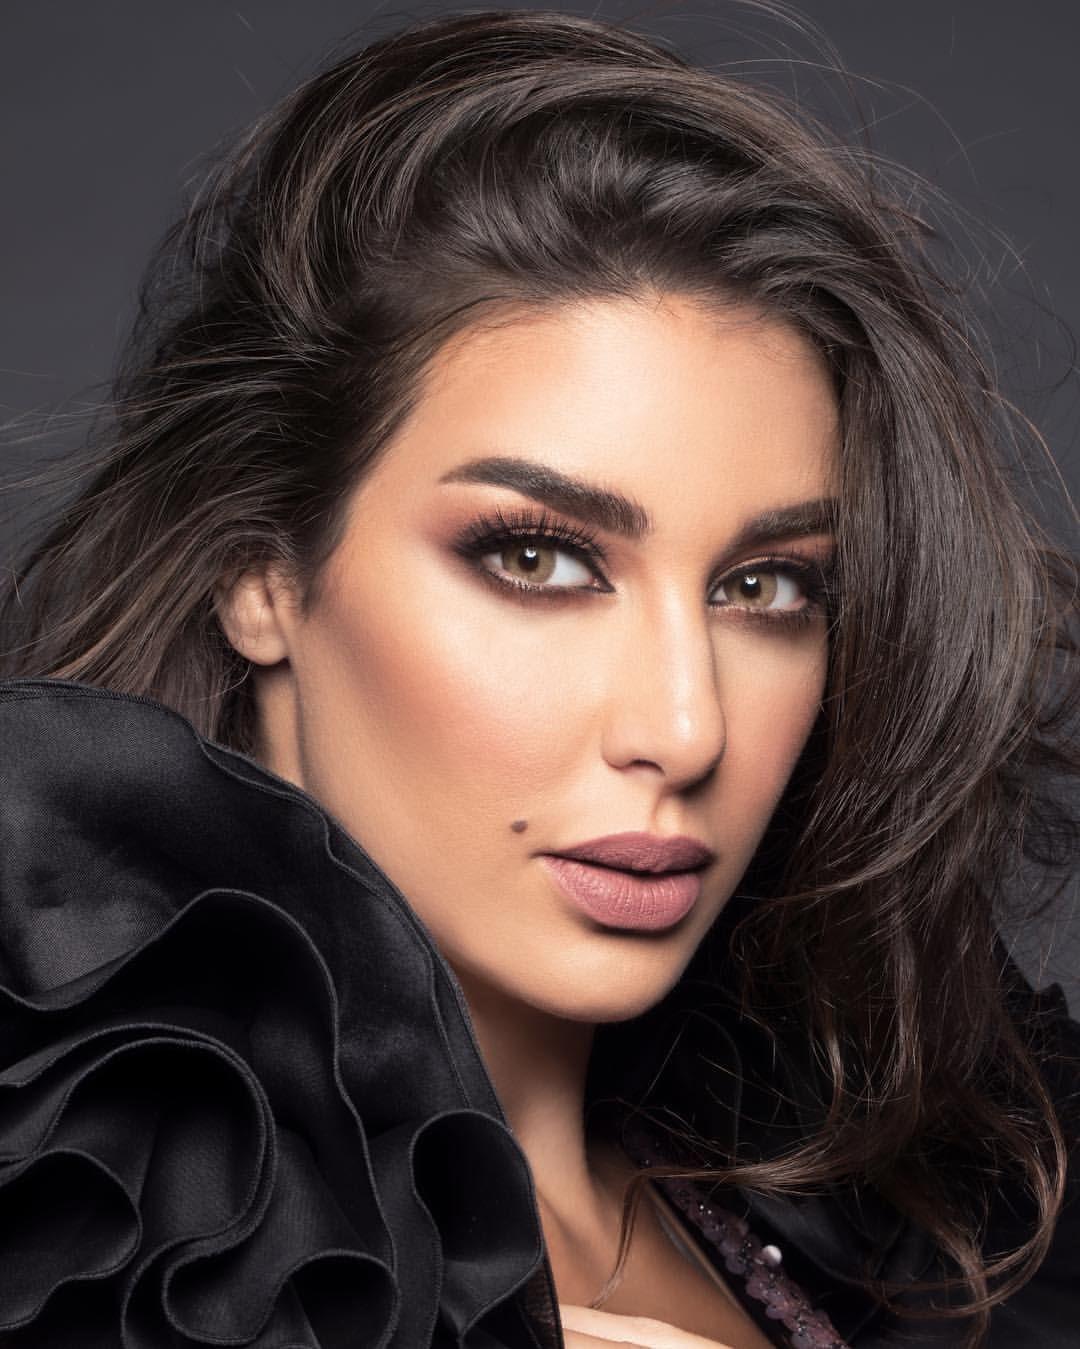 اللون هوني من عدسات لنس مي بعيون الوجه الاعلامي لعدسات لنس مي الفنانه المميزه ياسمين صبري Yasmine Sab Girl Hiding Face Arabian Beauty Men Fashion Photoshoot